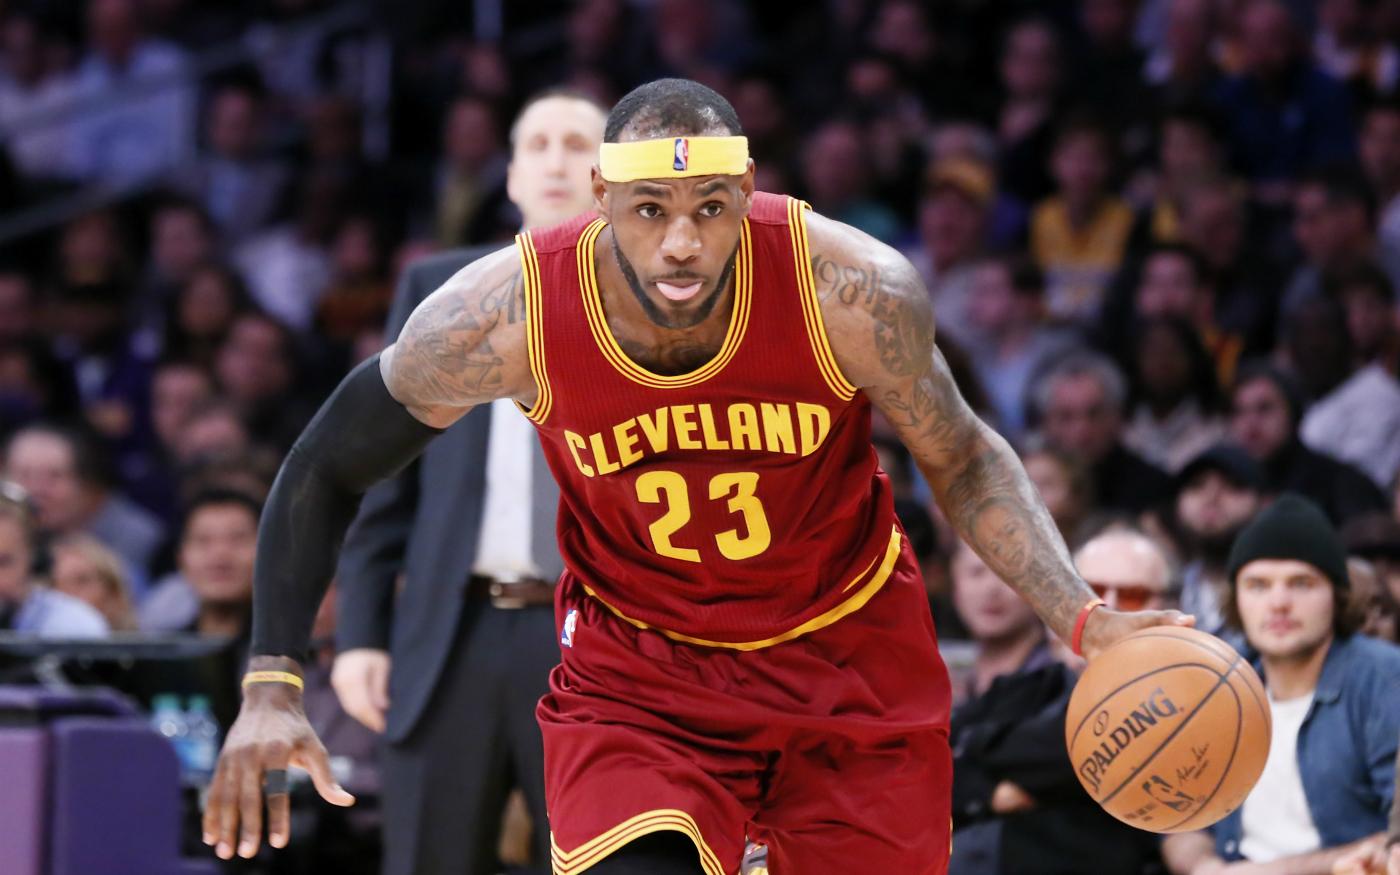 Joueurs du mois : LeBron James et Russell Westbrook ont écrasé la concurrence